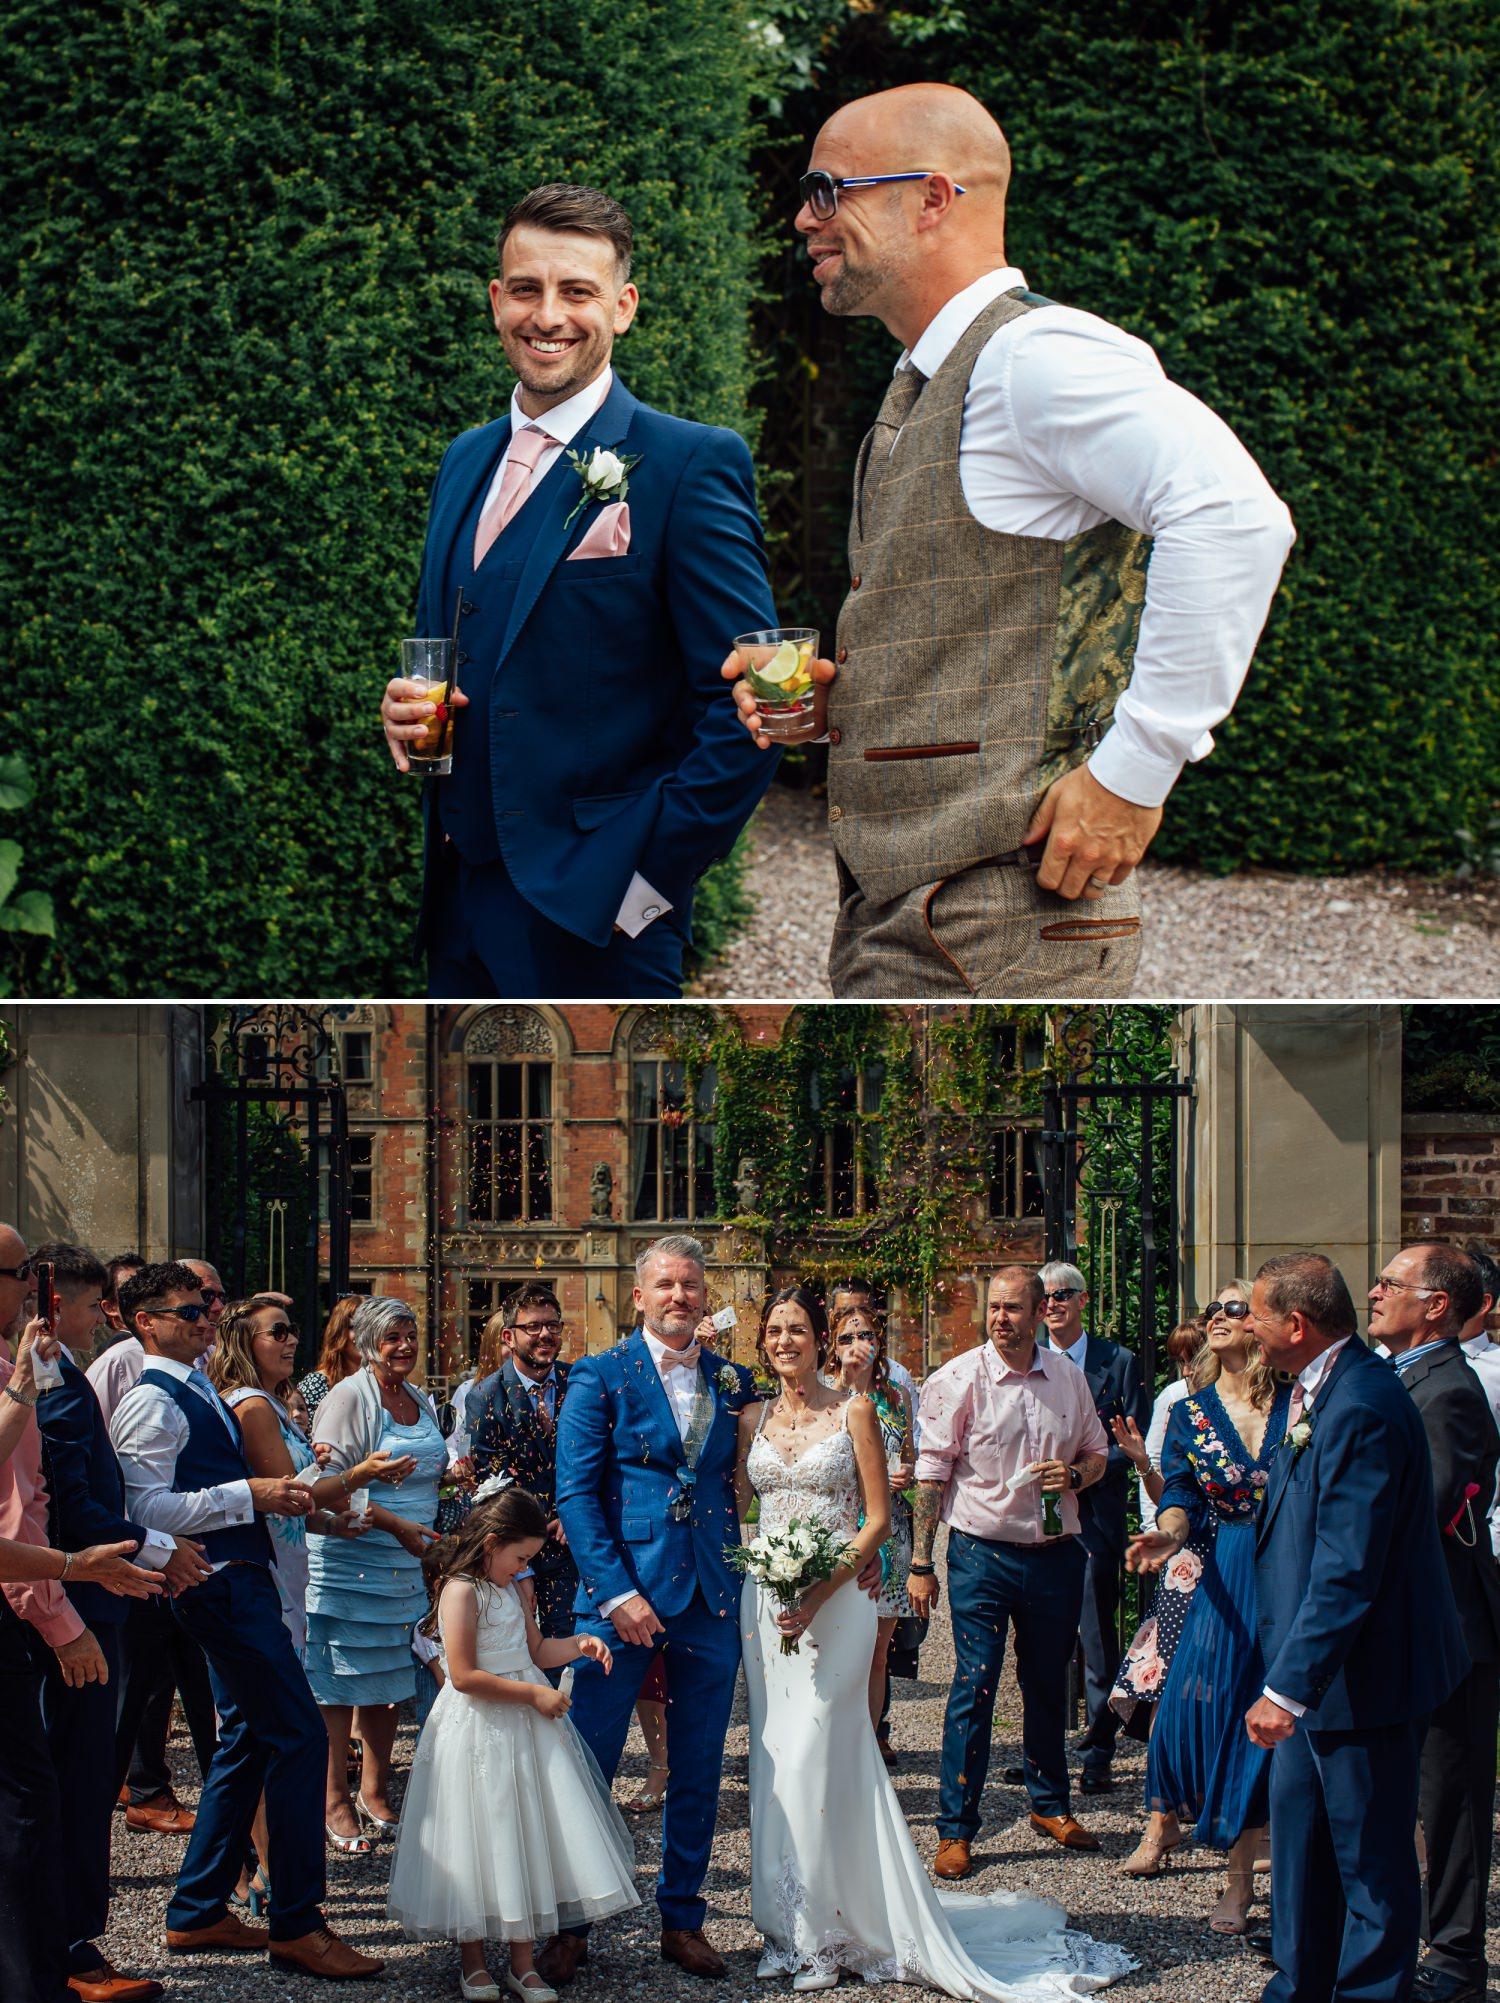 Throwing the wedding confetti